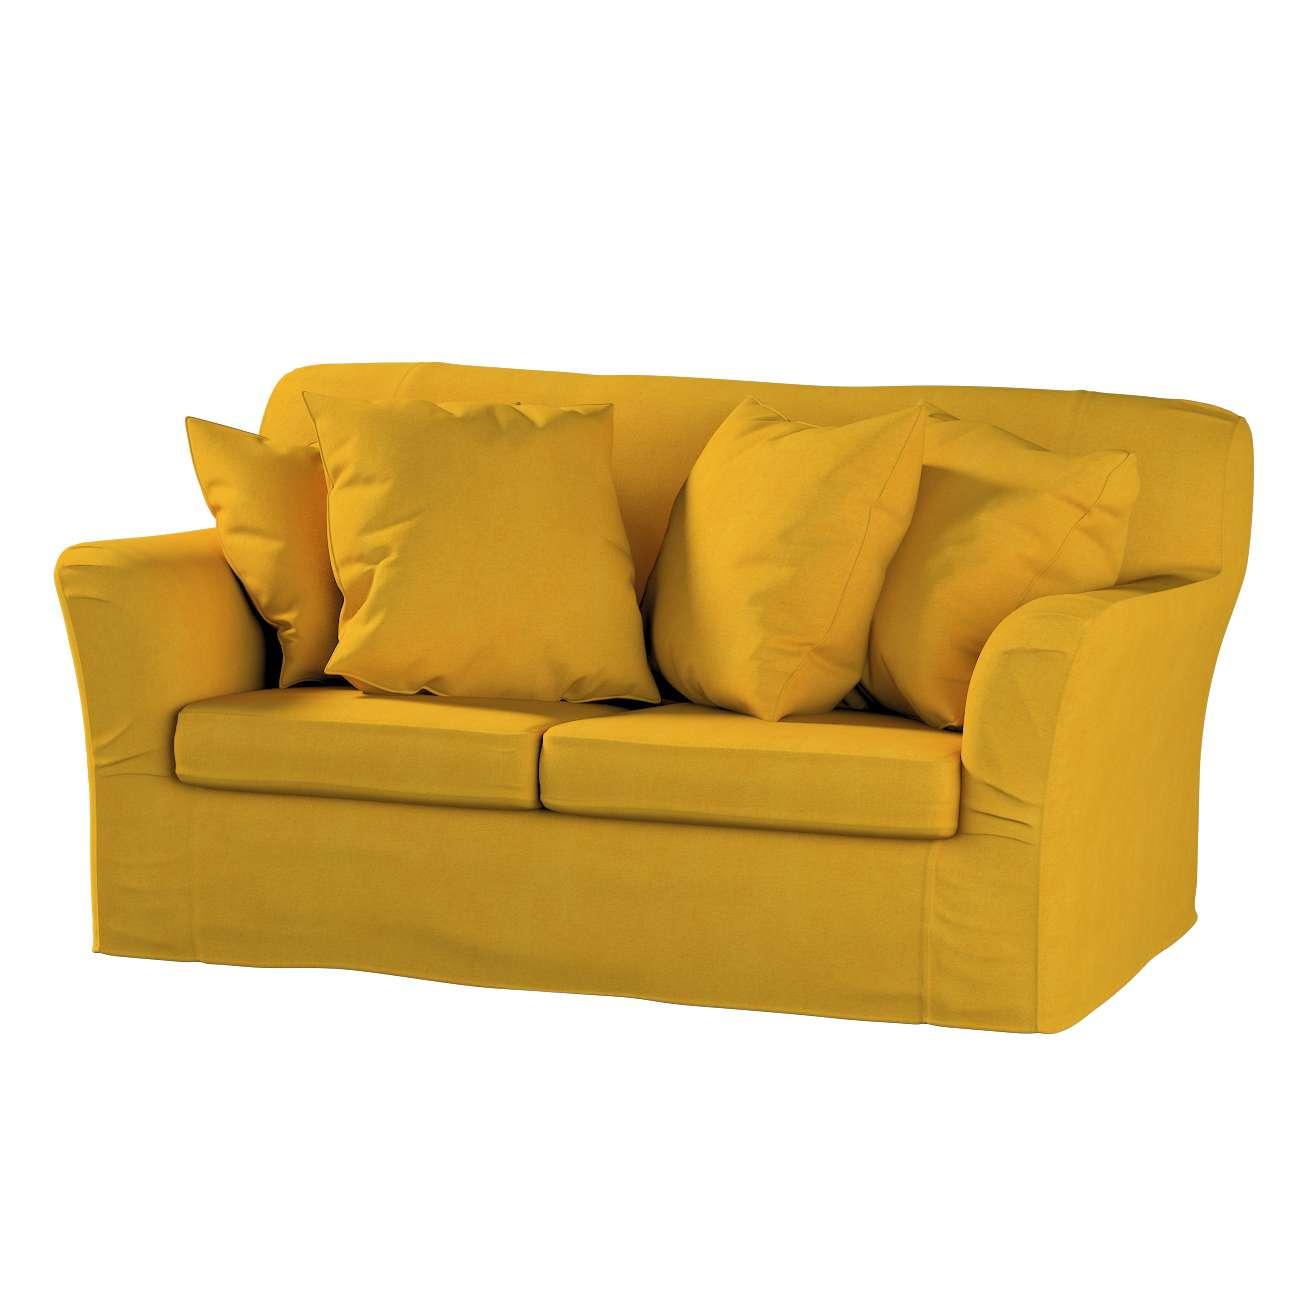 Tomelilla 2-Sitzer Sofabezug nicht ausklappbar Sofahusse, Tomelilla 2-Sitzer von der Kollektion Etna, Stoff: 705-04